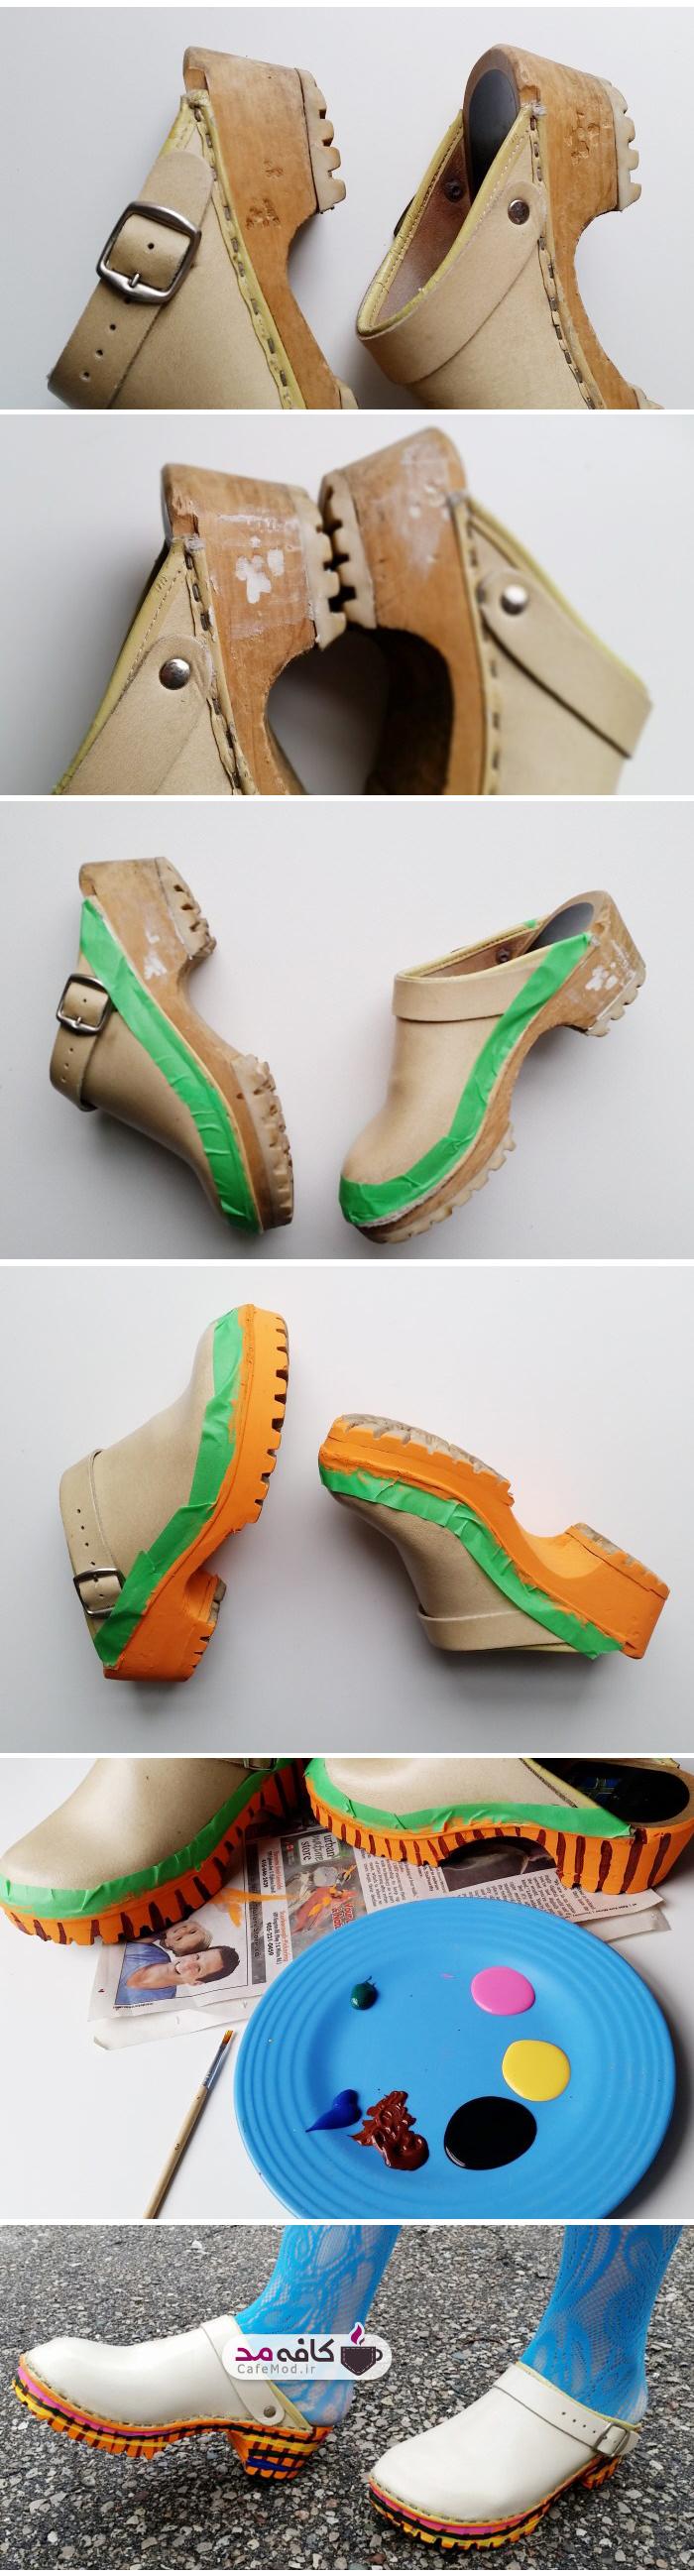 آموزش تغییر ظاهر کفش